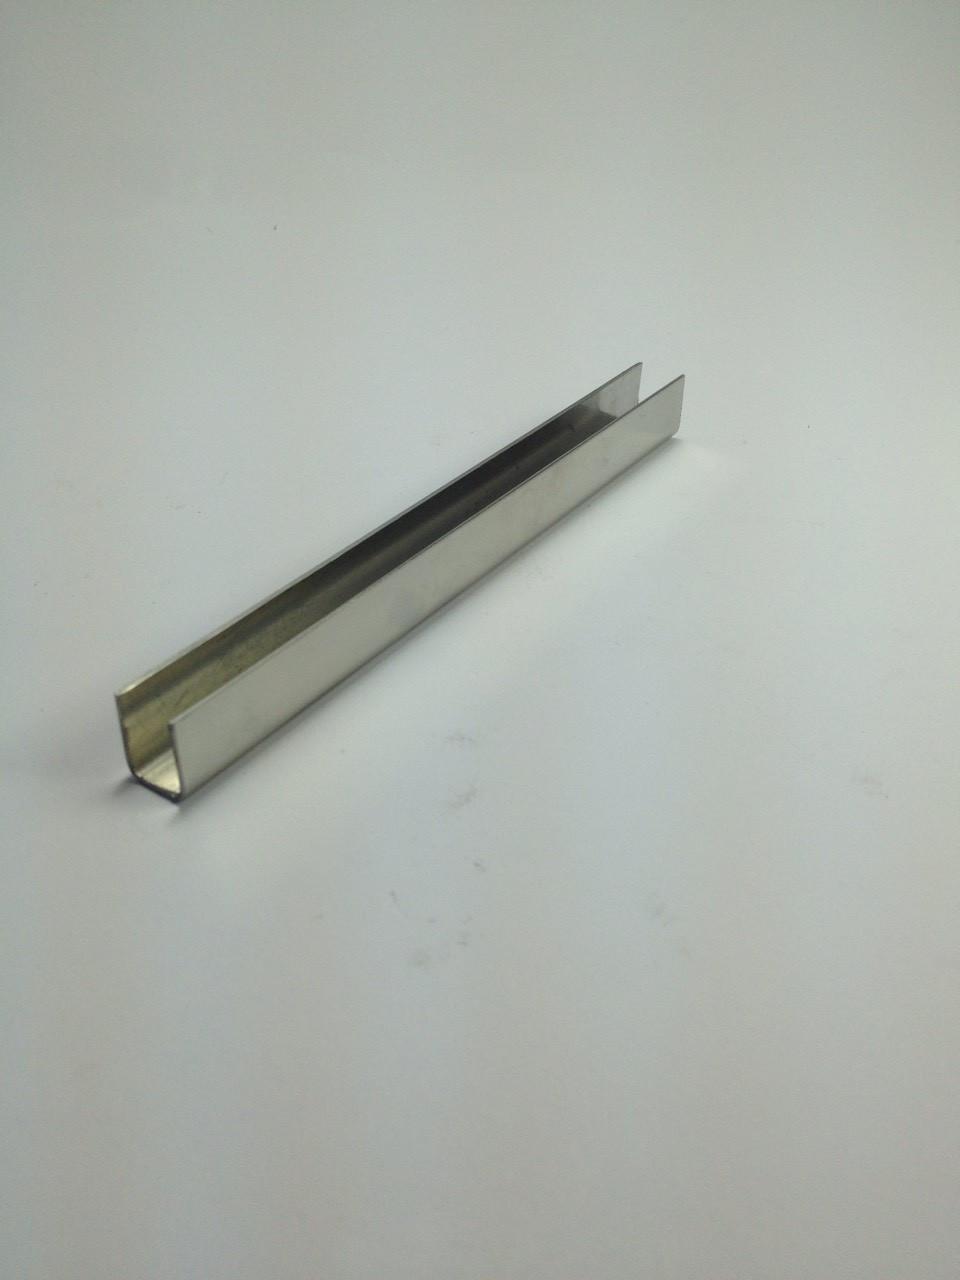 ODF-04-01-01-L2500 (сатин) Профиль из нержавейки 11*15 для душевых кабин под стекло 8 мм